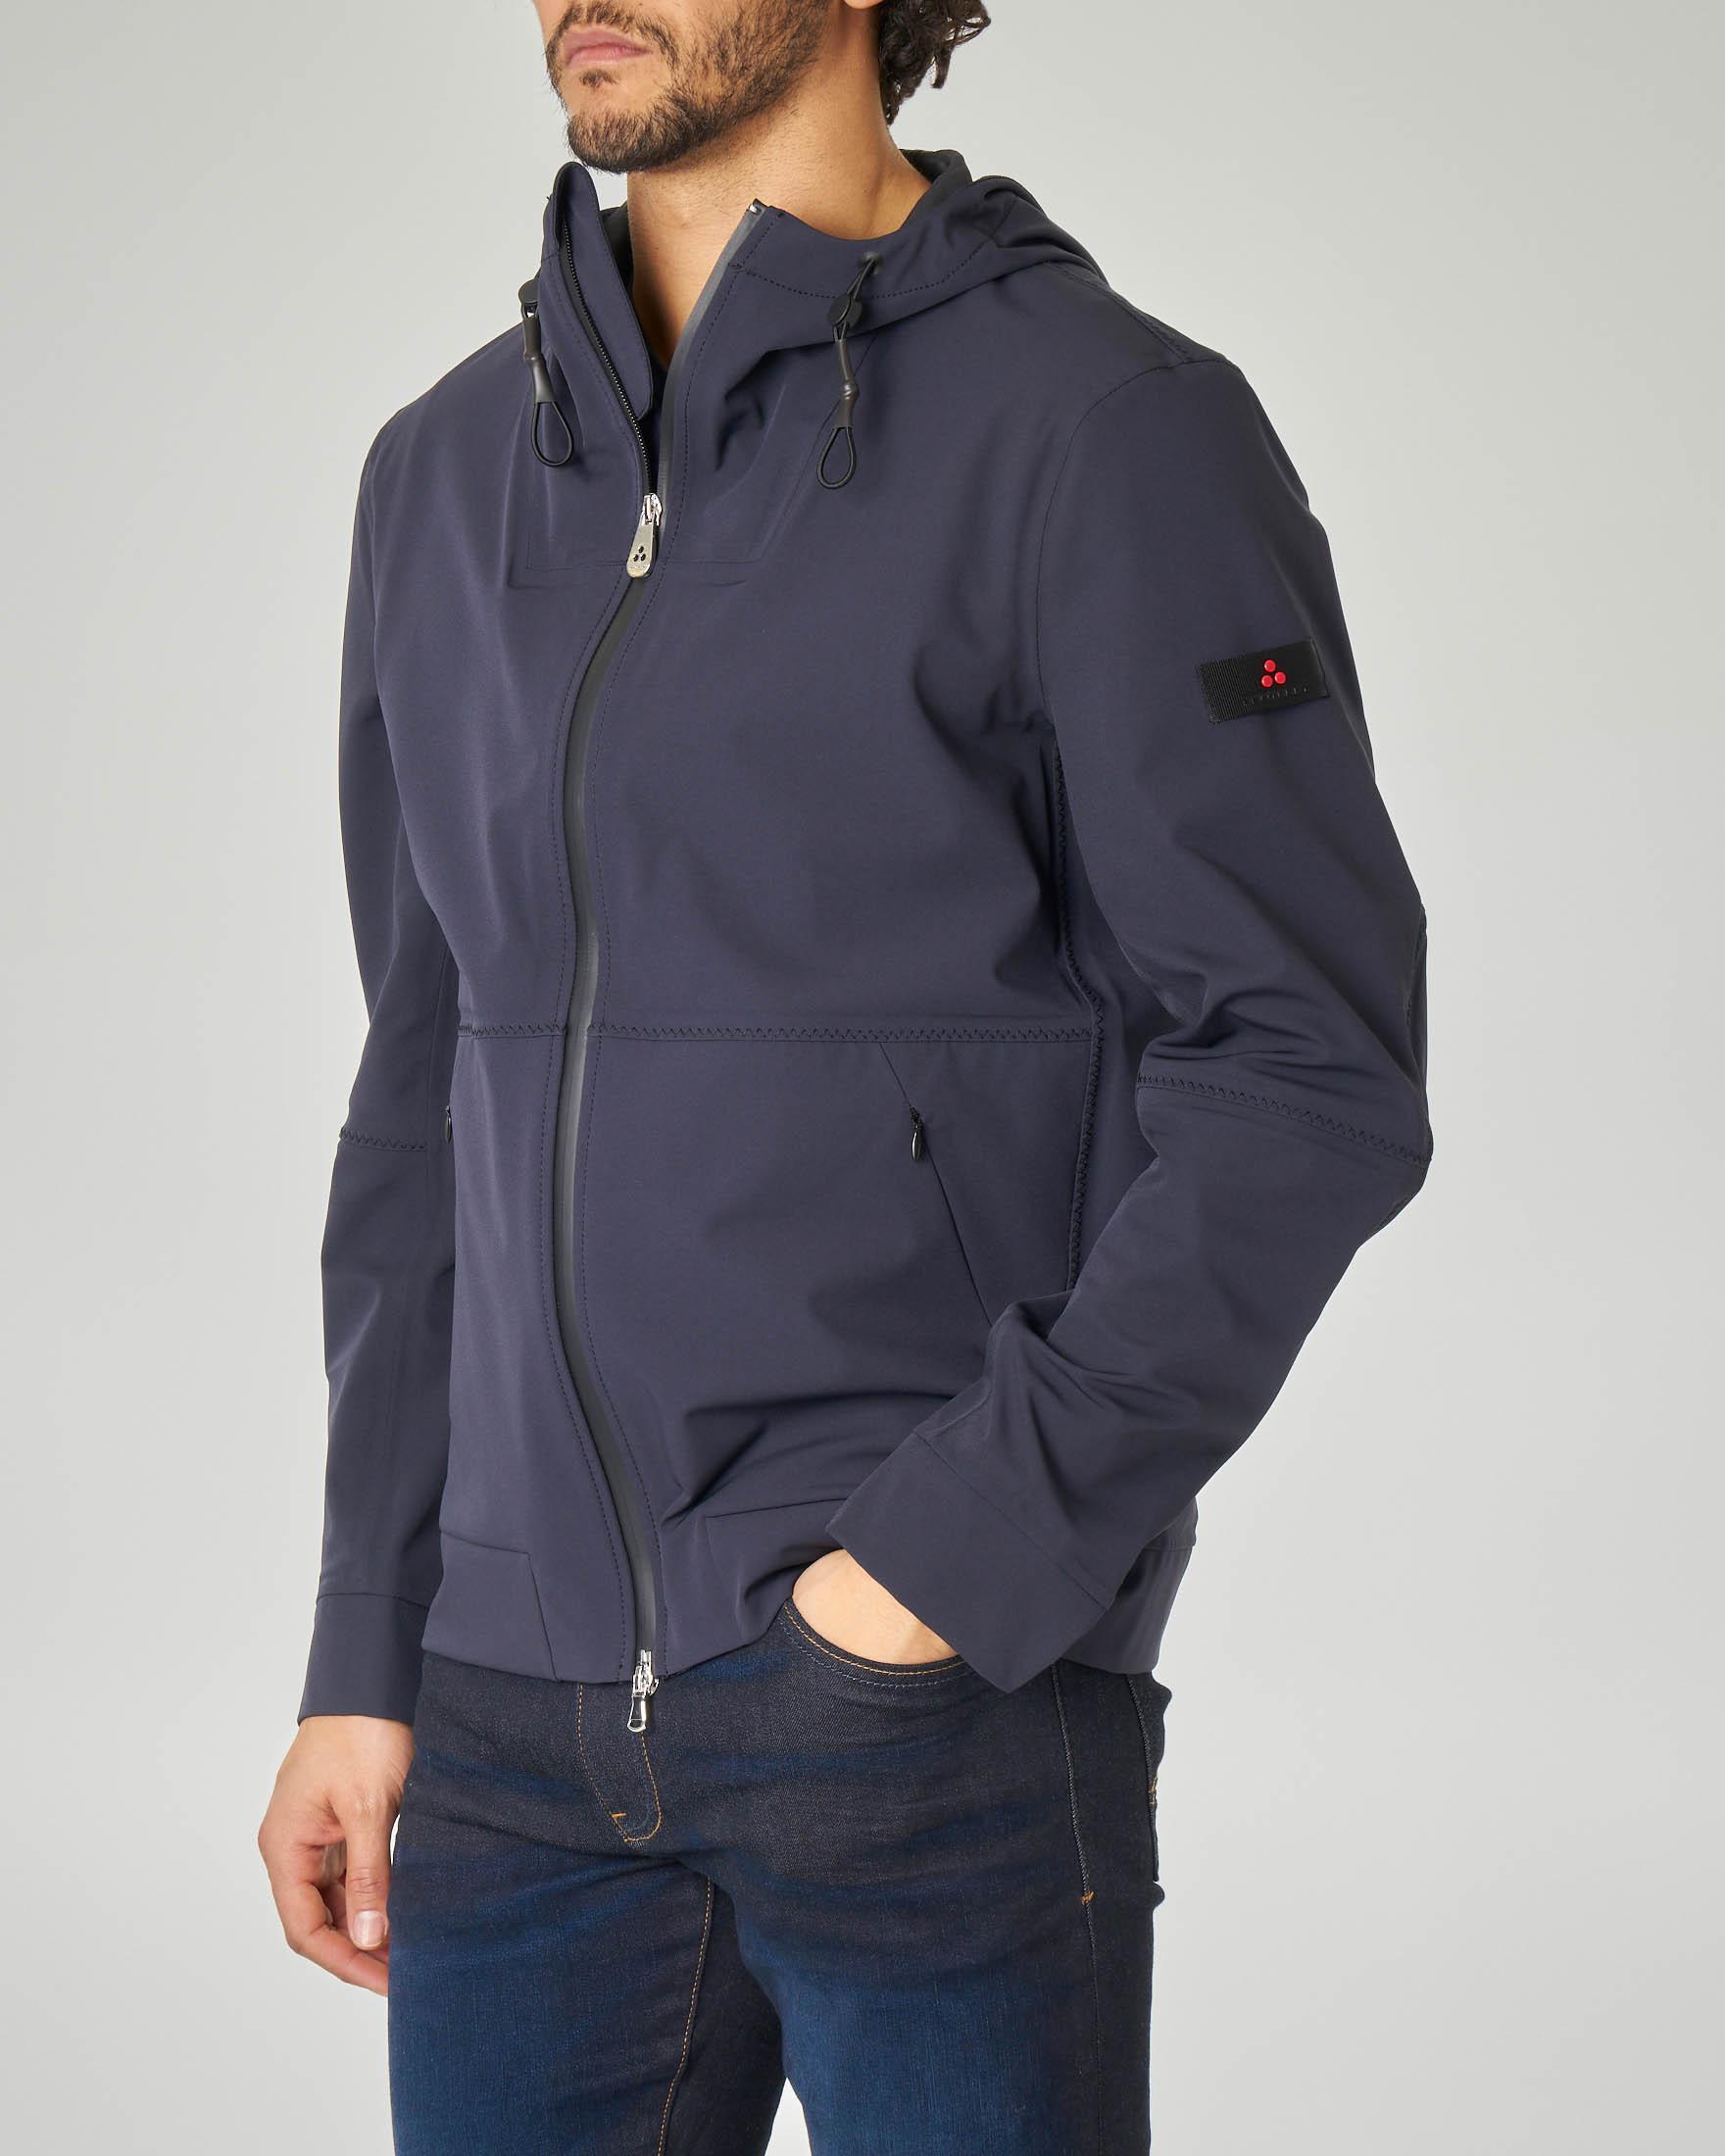 Giacca blu con cappuccio in tessuto stretch